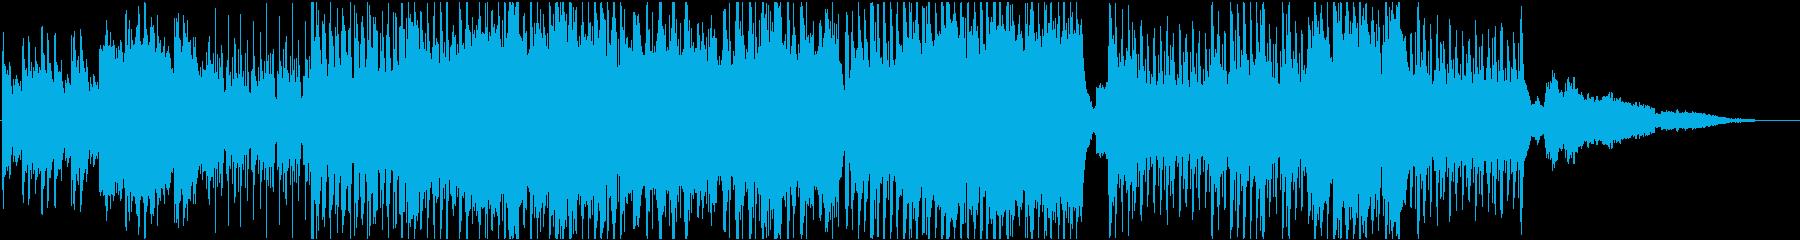 放浪をイメージしたケルト音楽の再生済みの波形